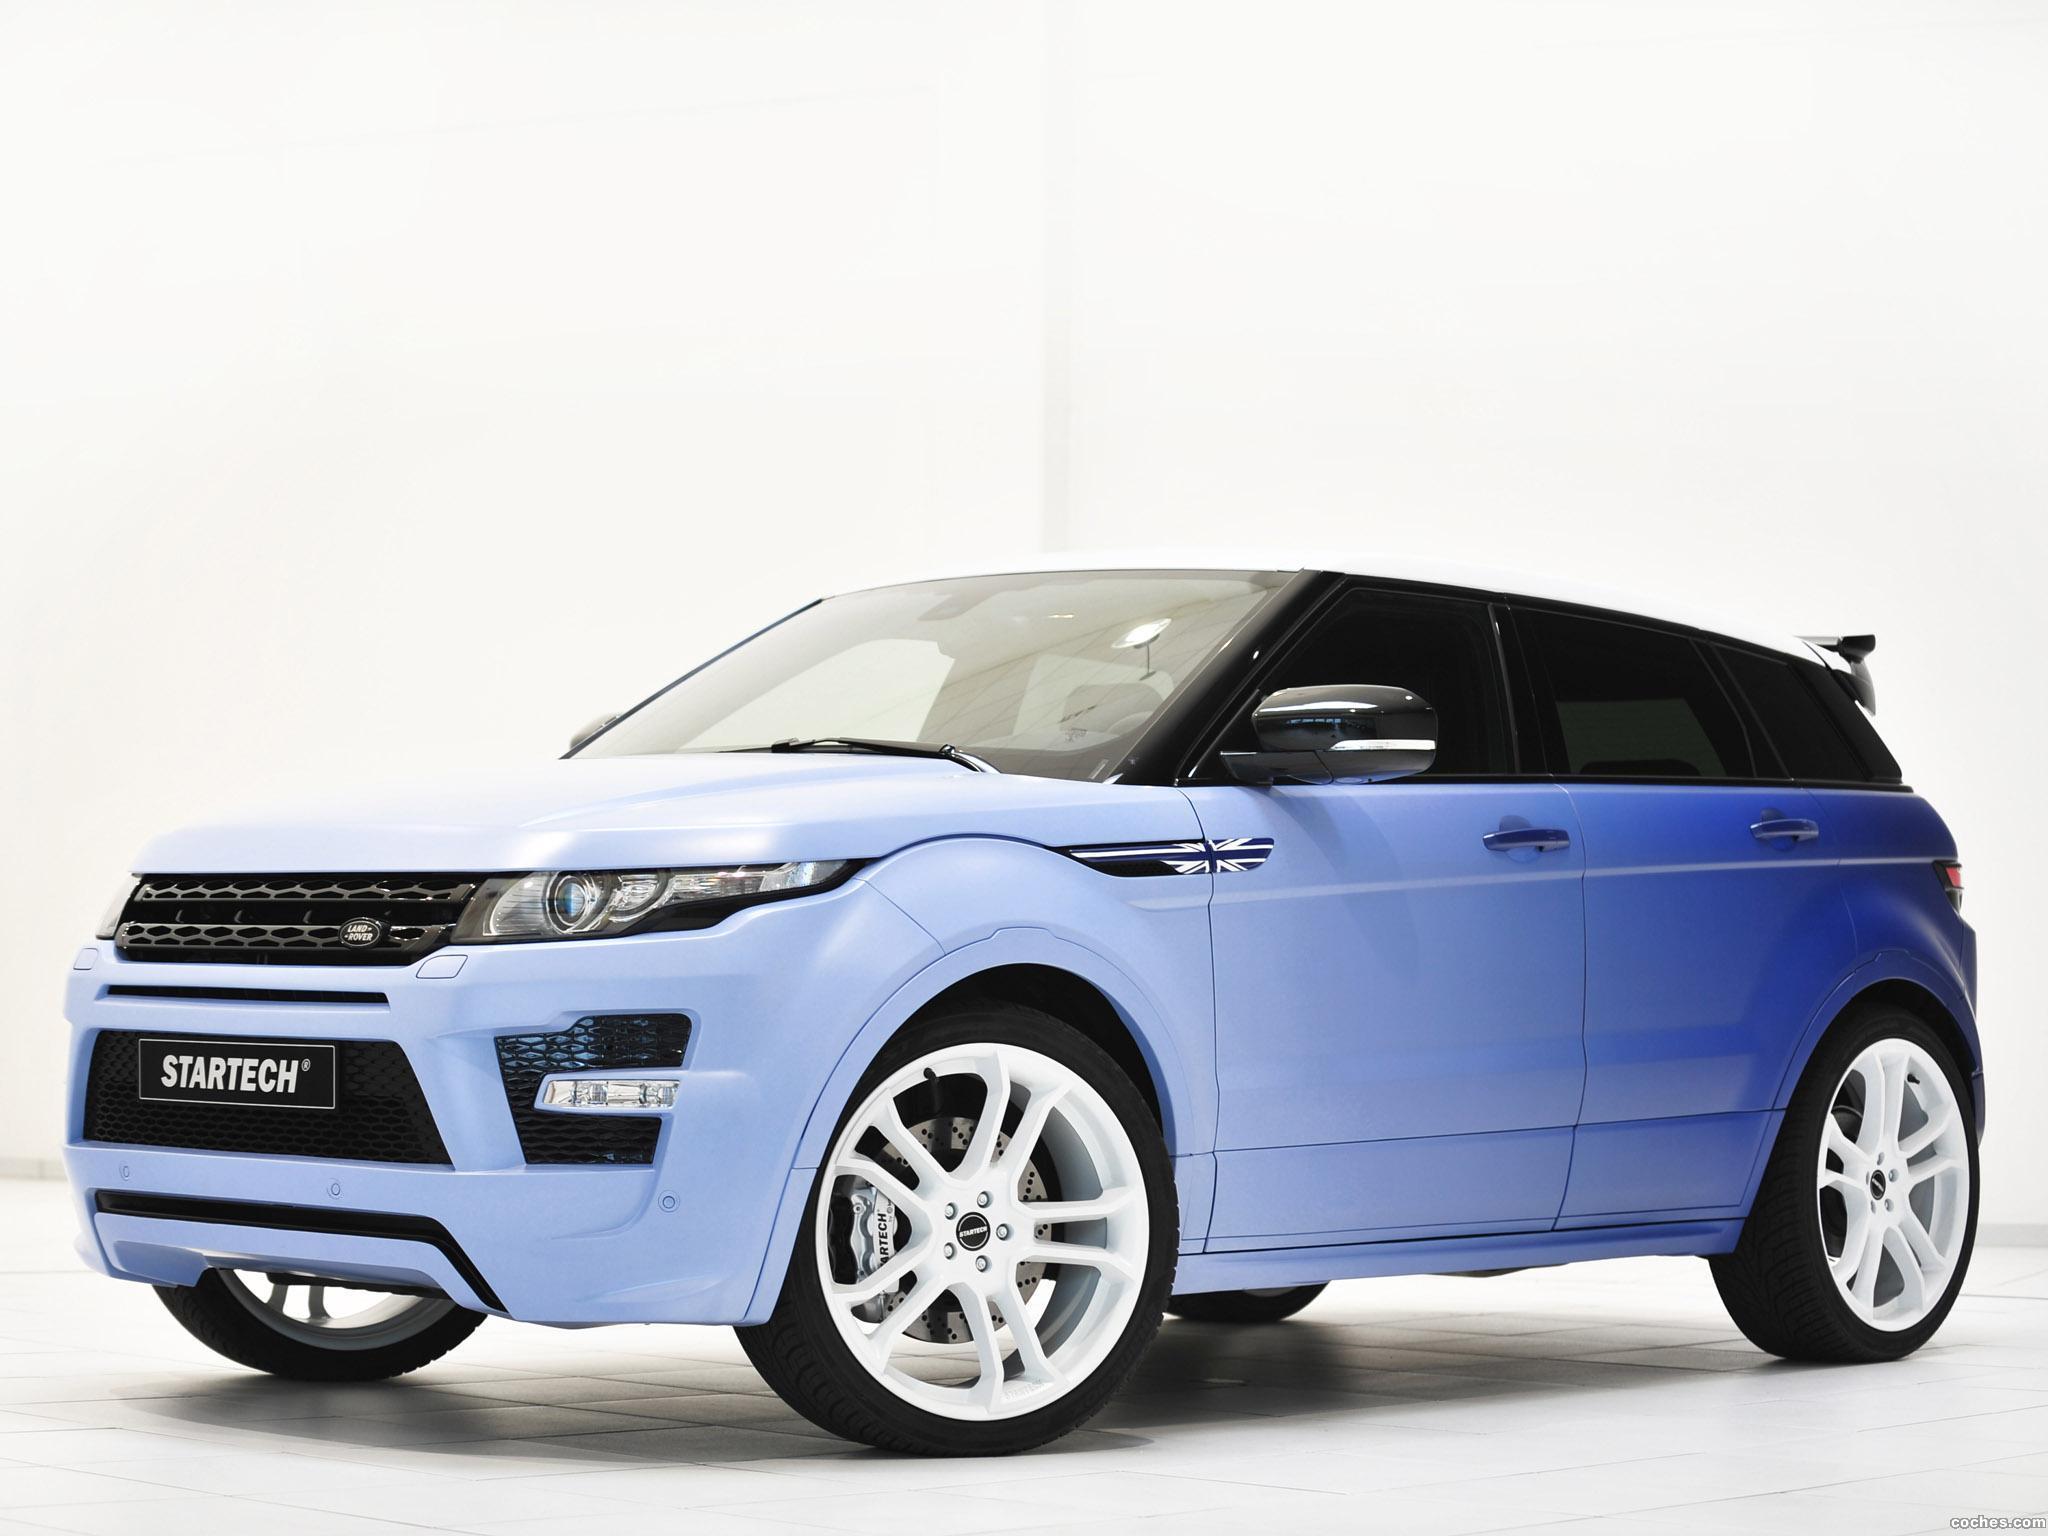 Foto 0 de Startech Land Rover Range Rover Evoque Si4 2013